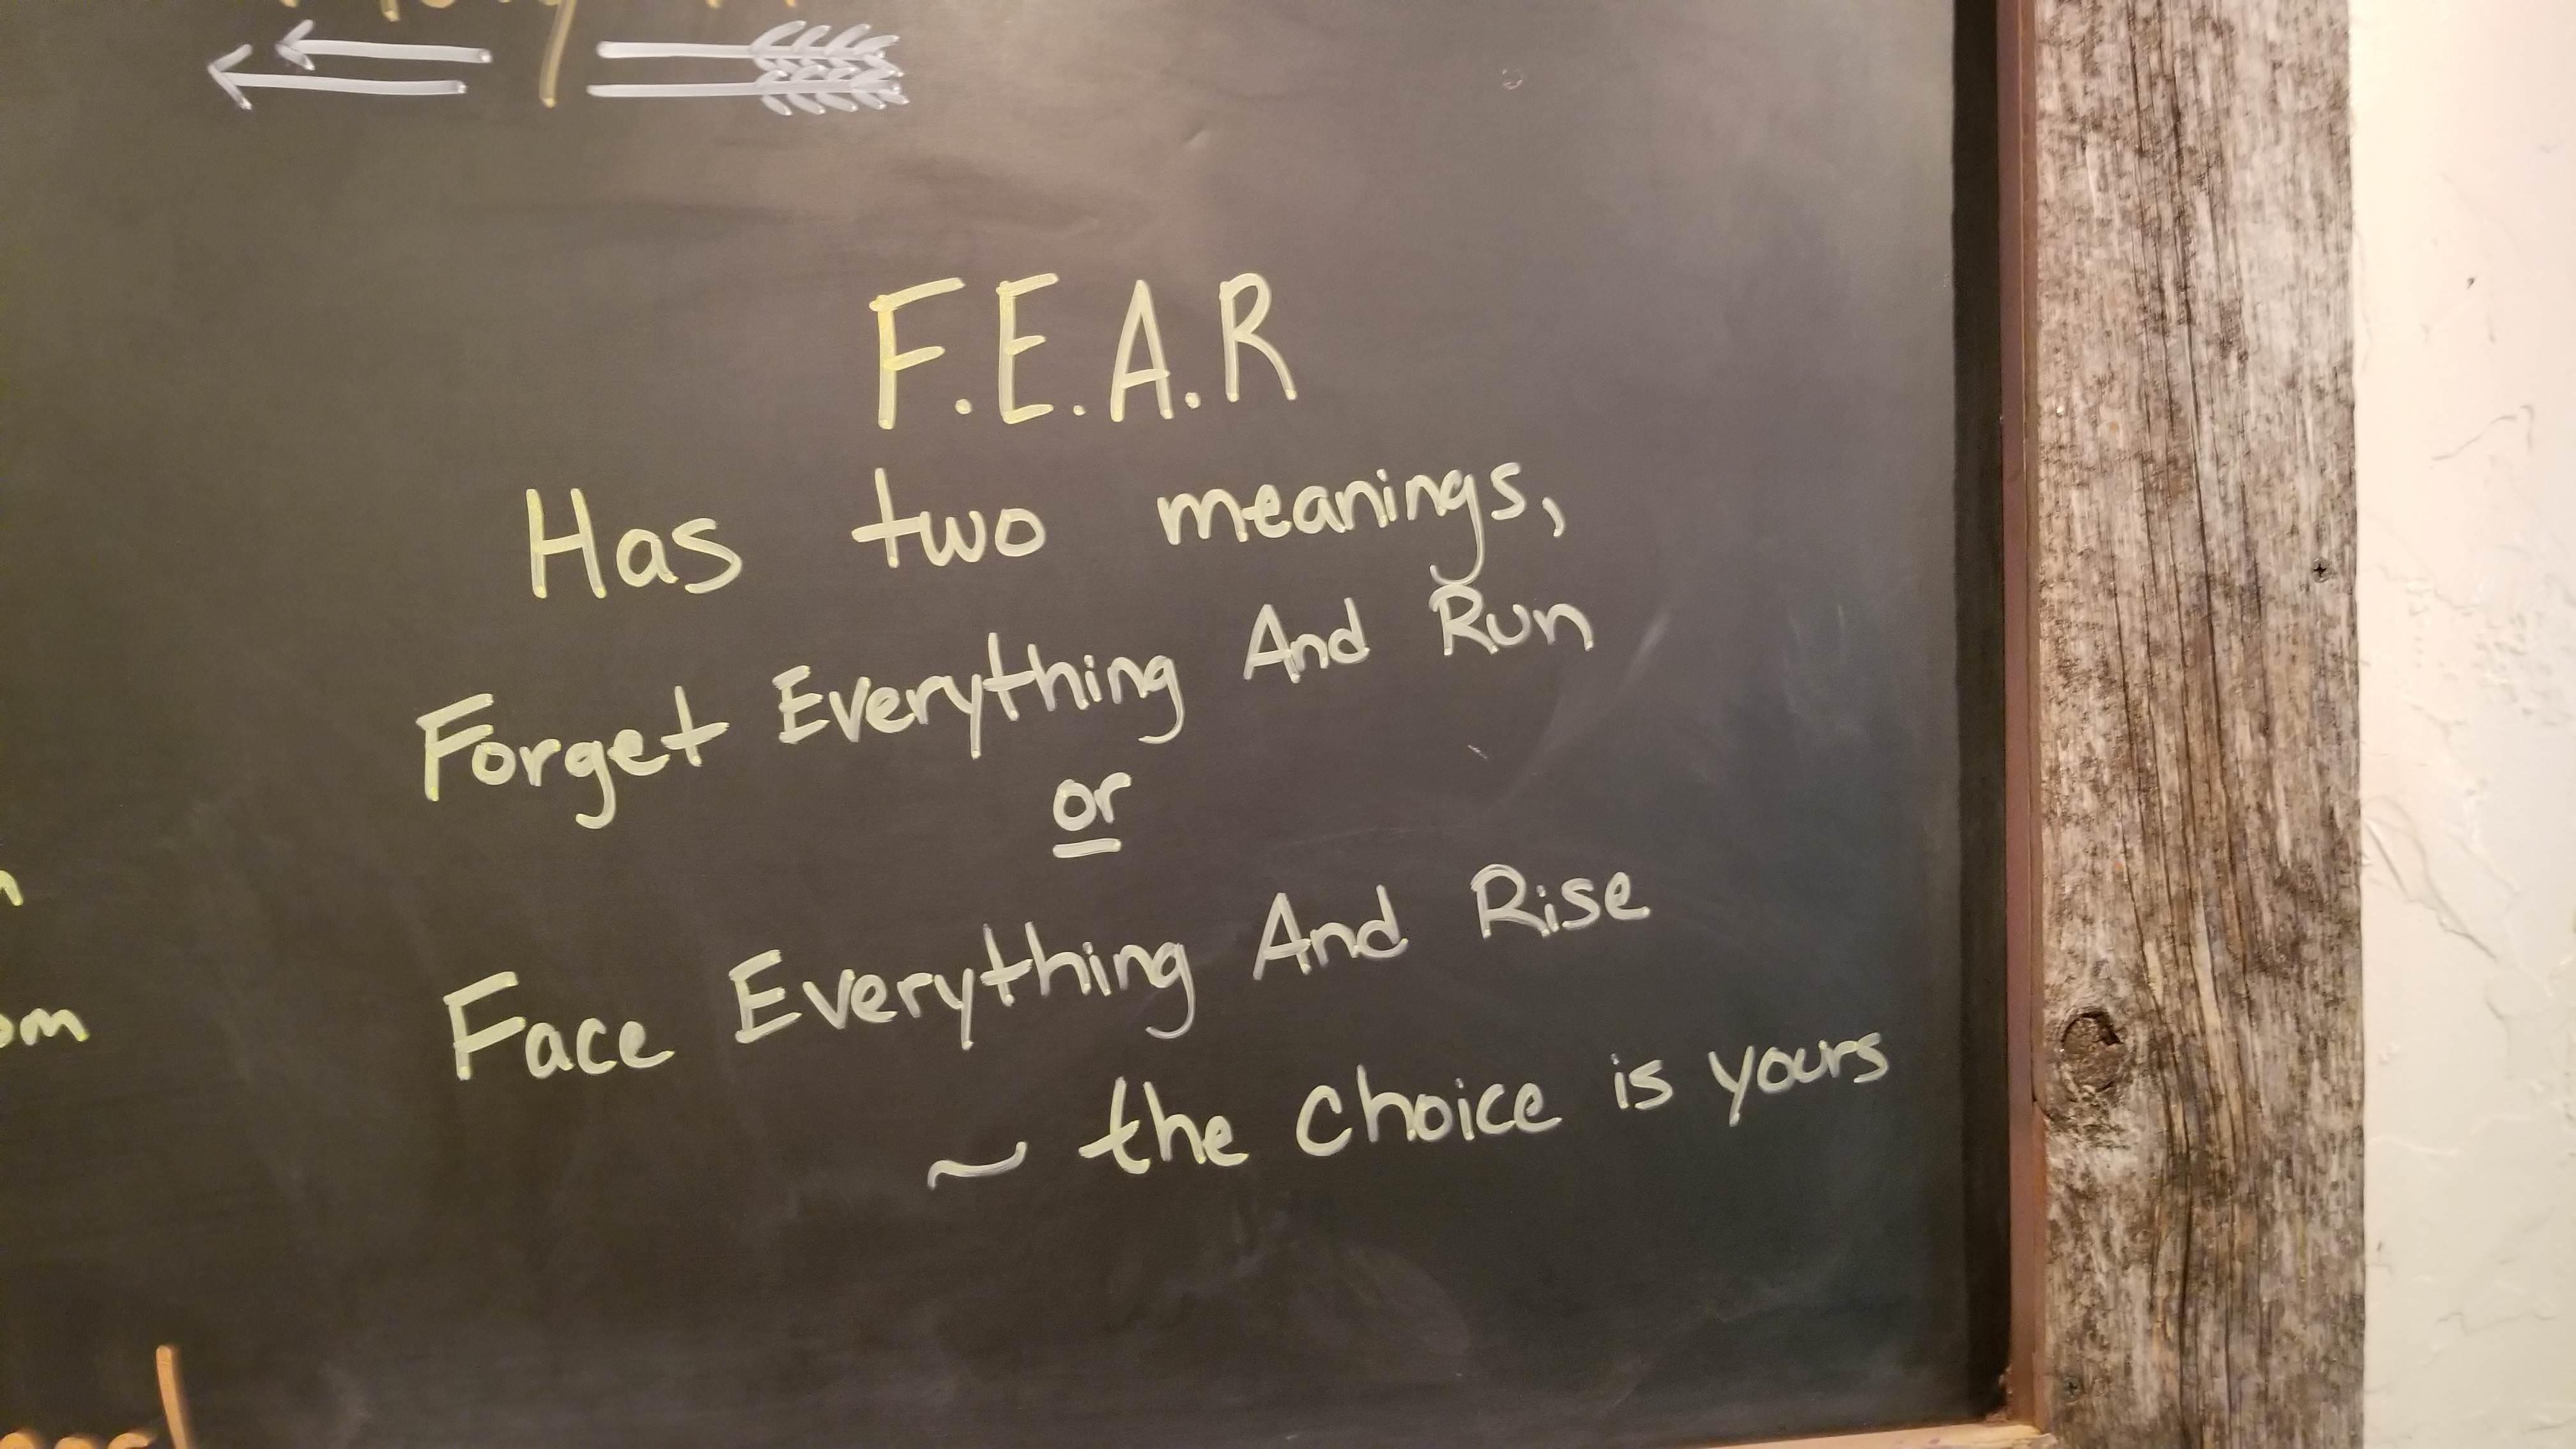 [Image] F.E.A.R.